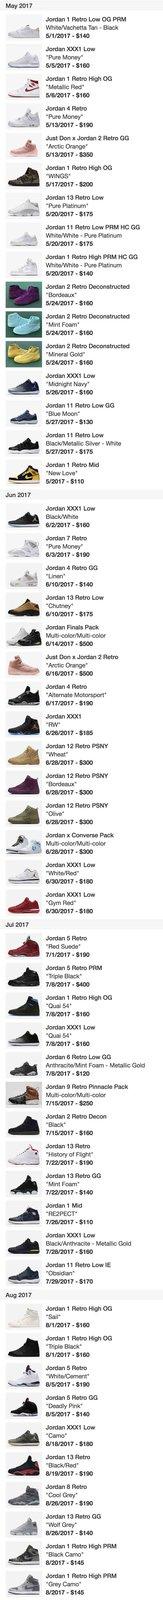 AJ,Air Jordan  球鞋印钞机!今年居然一共复刻了 174 双 Air Jordan!平均两天一双!